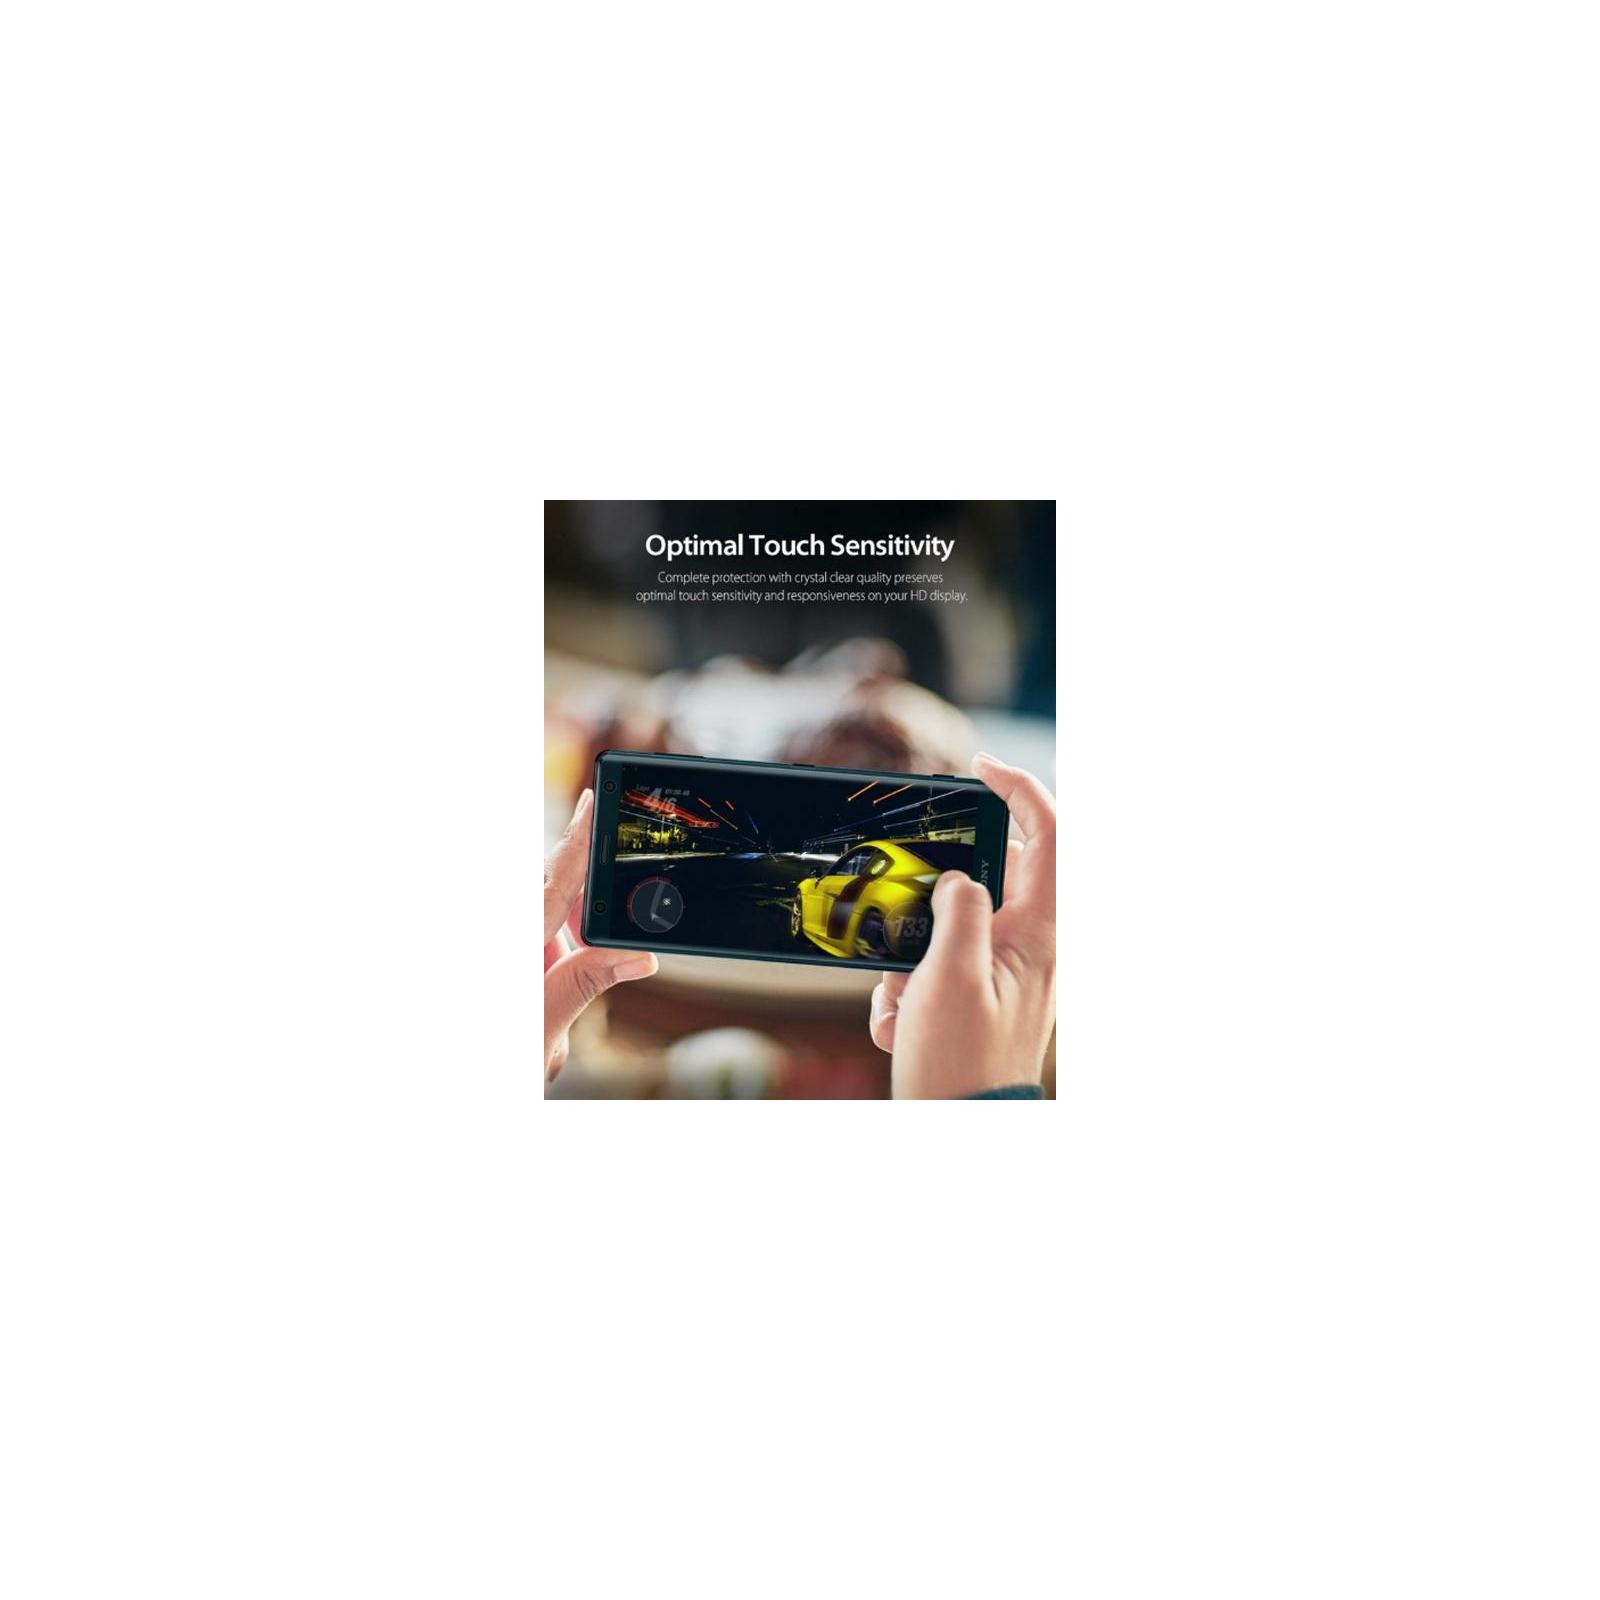 Пленка защитная Ringke для телефона Sony Xperia XZ2 Compact Full Cover (RSP4456) изображение 12